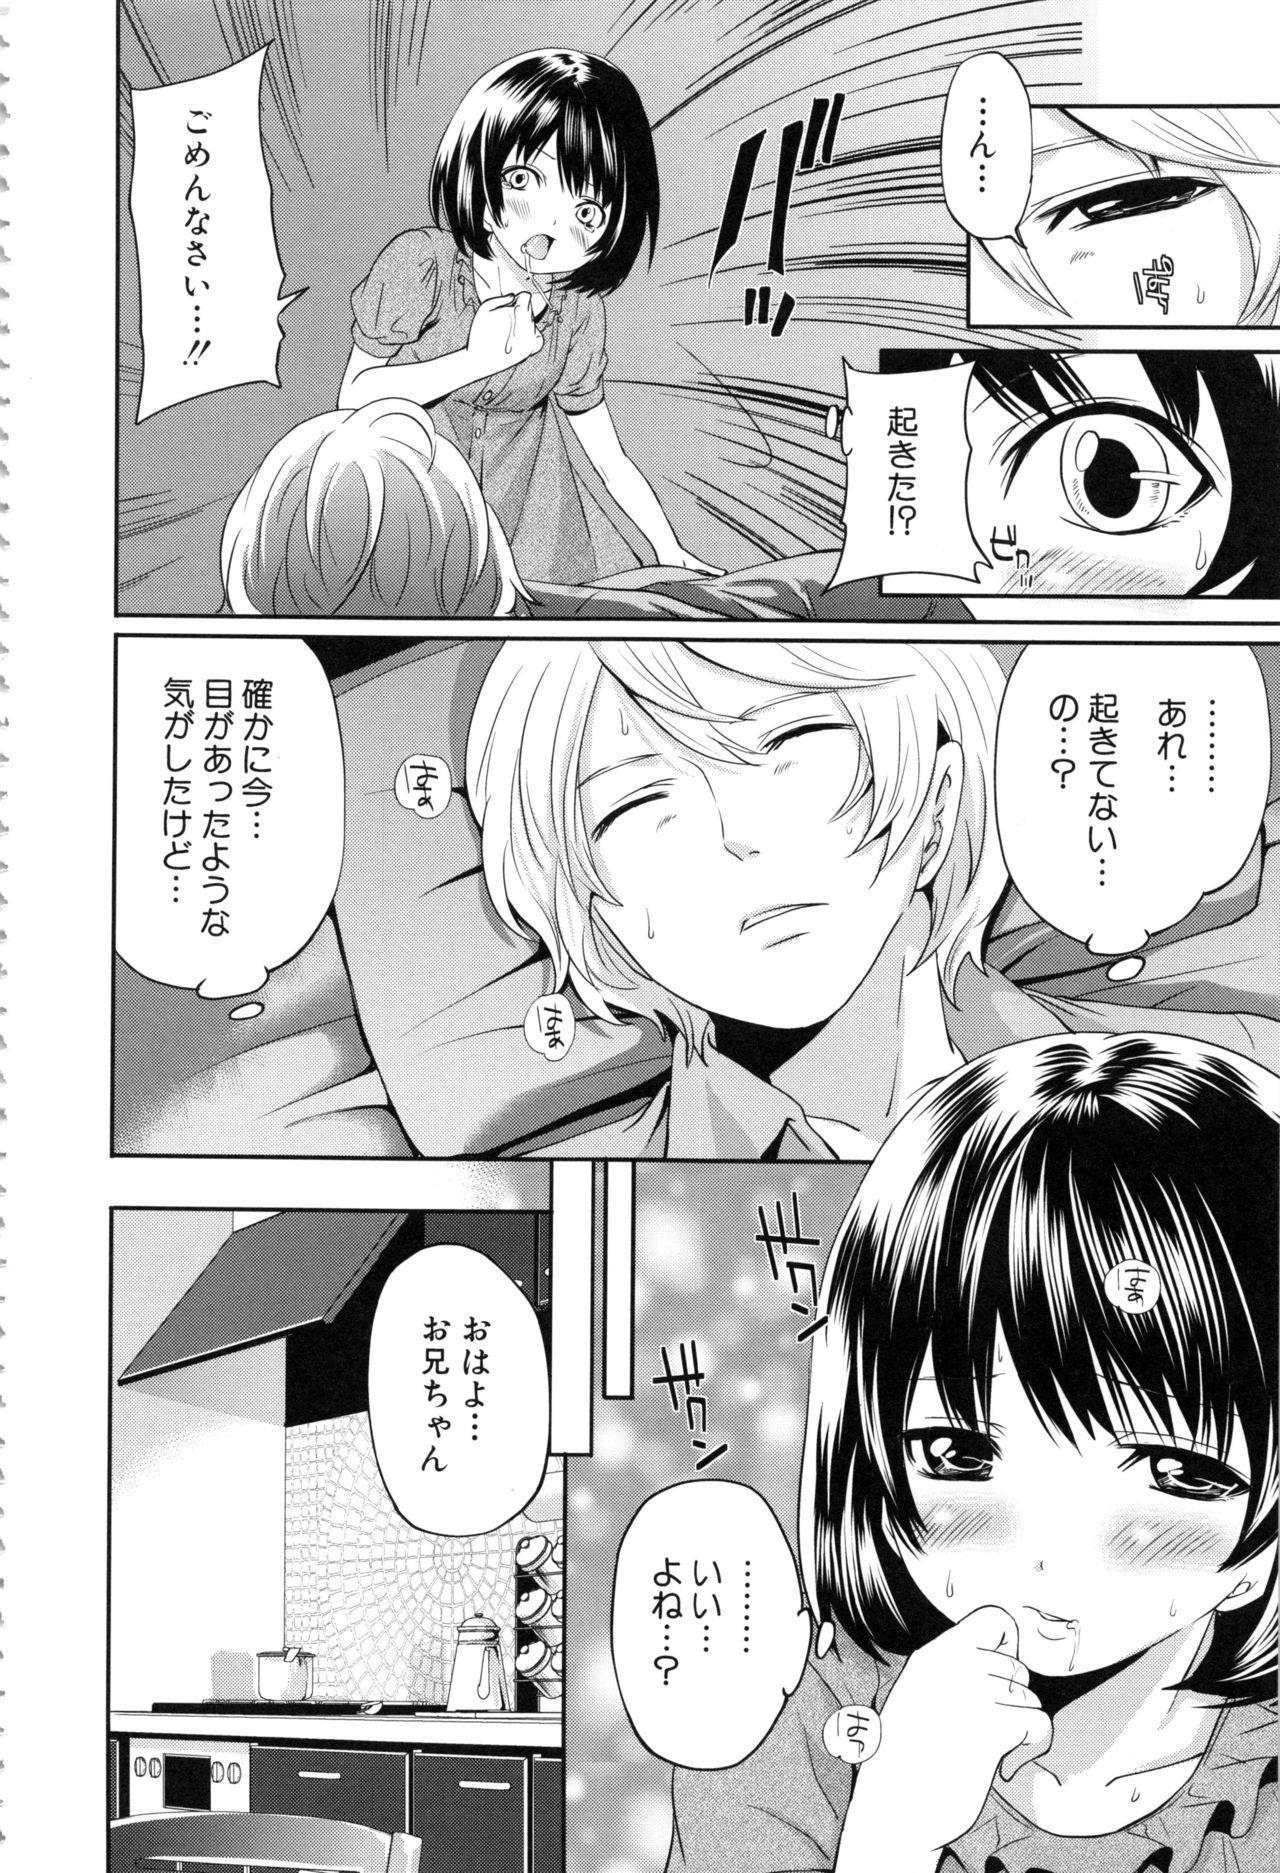 Doll no Yakata 172